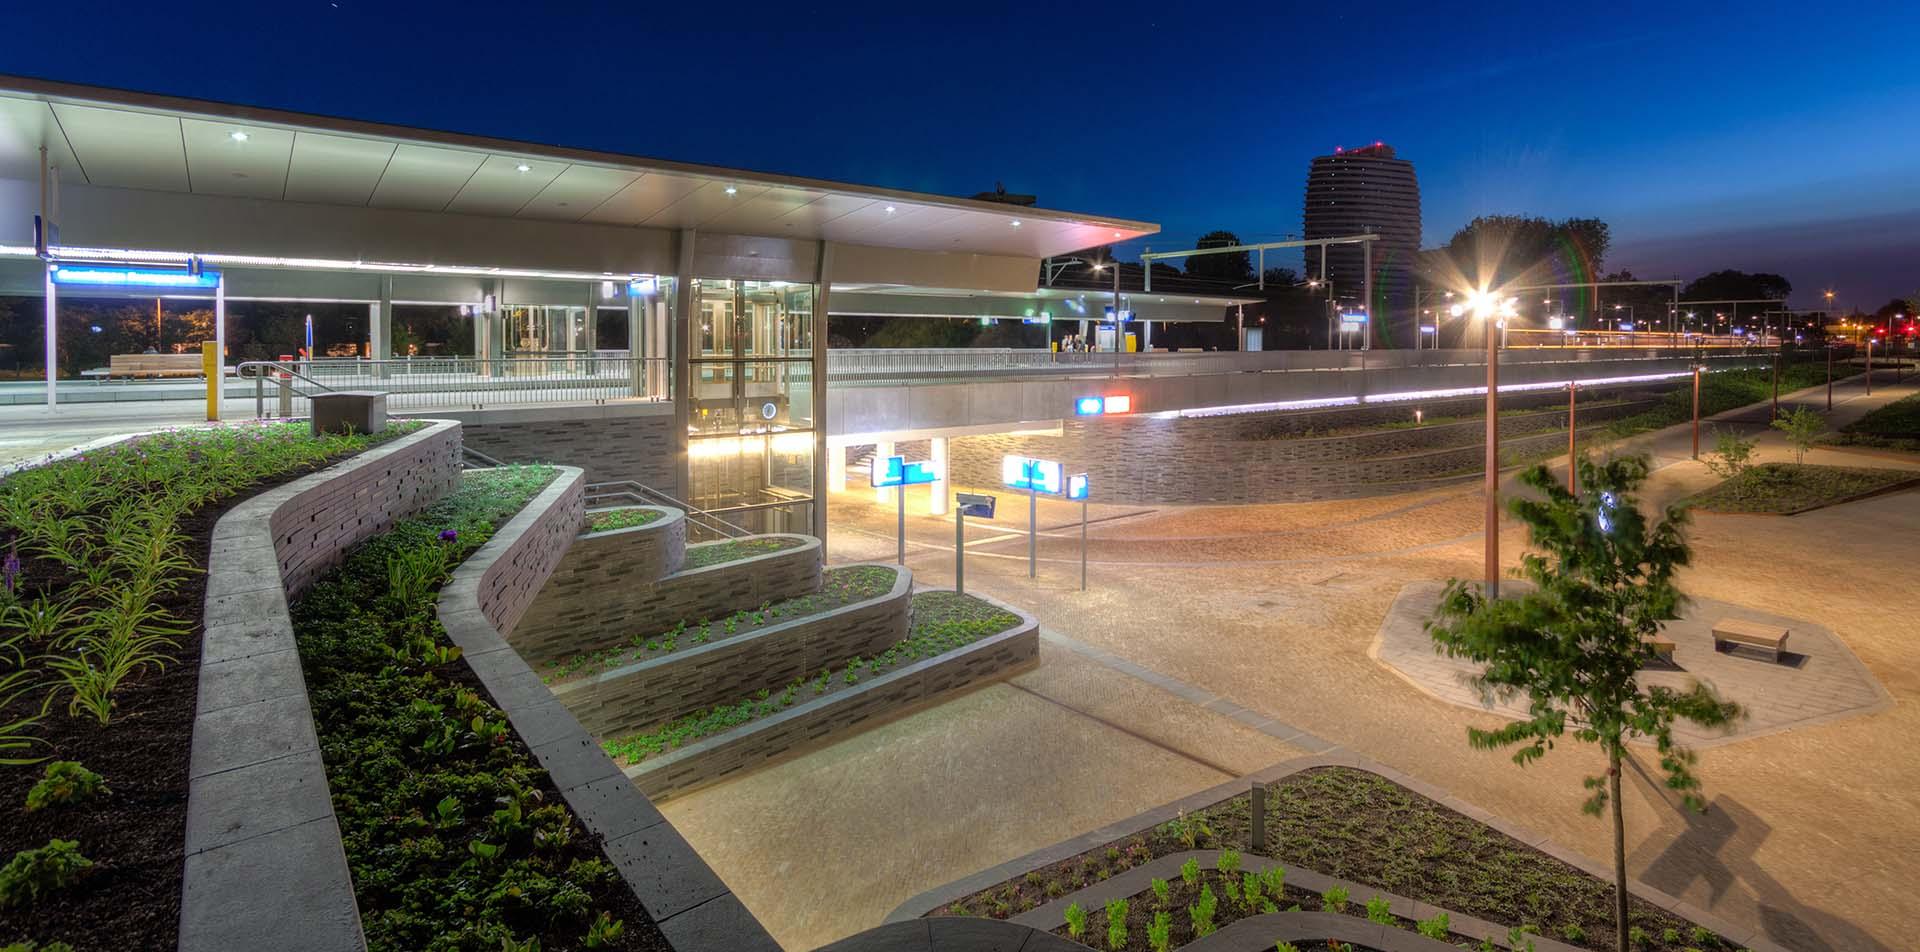 station Groningen Europapark